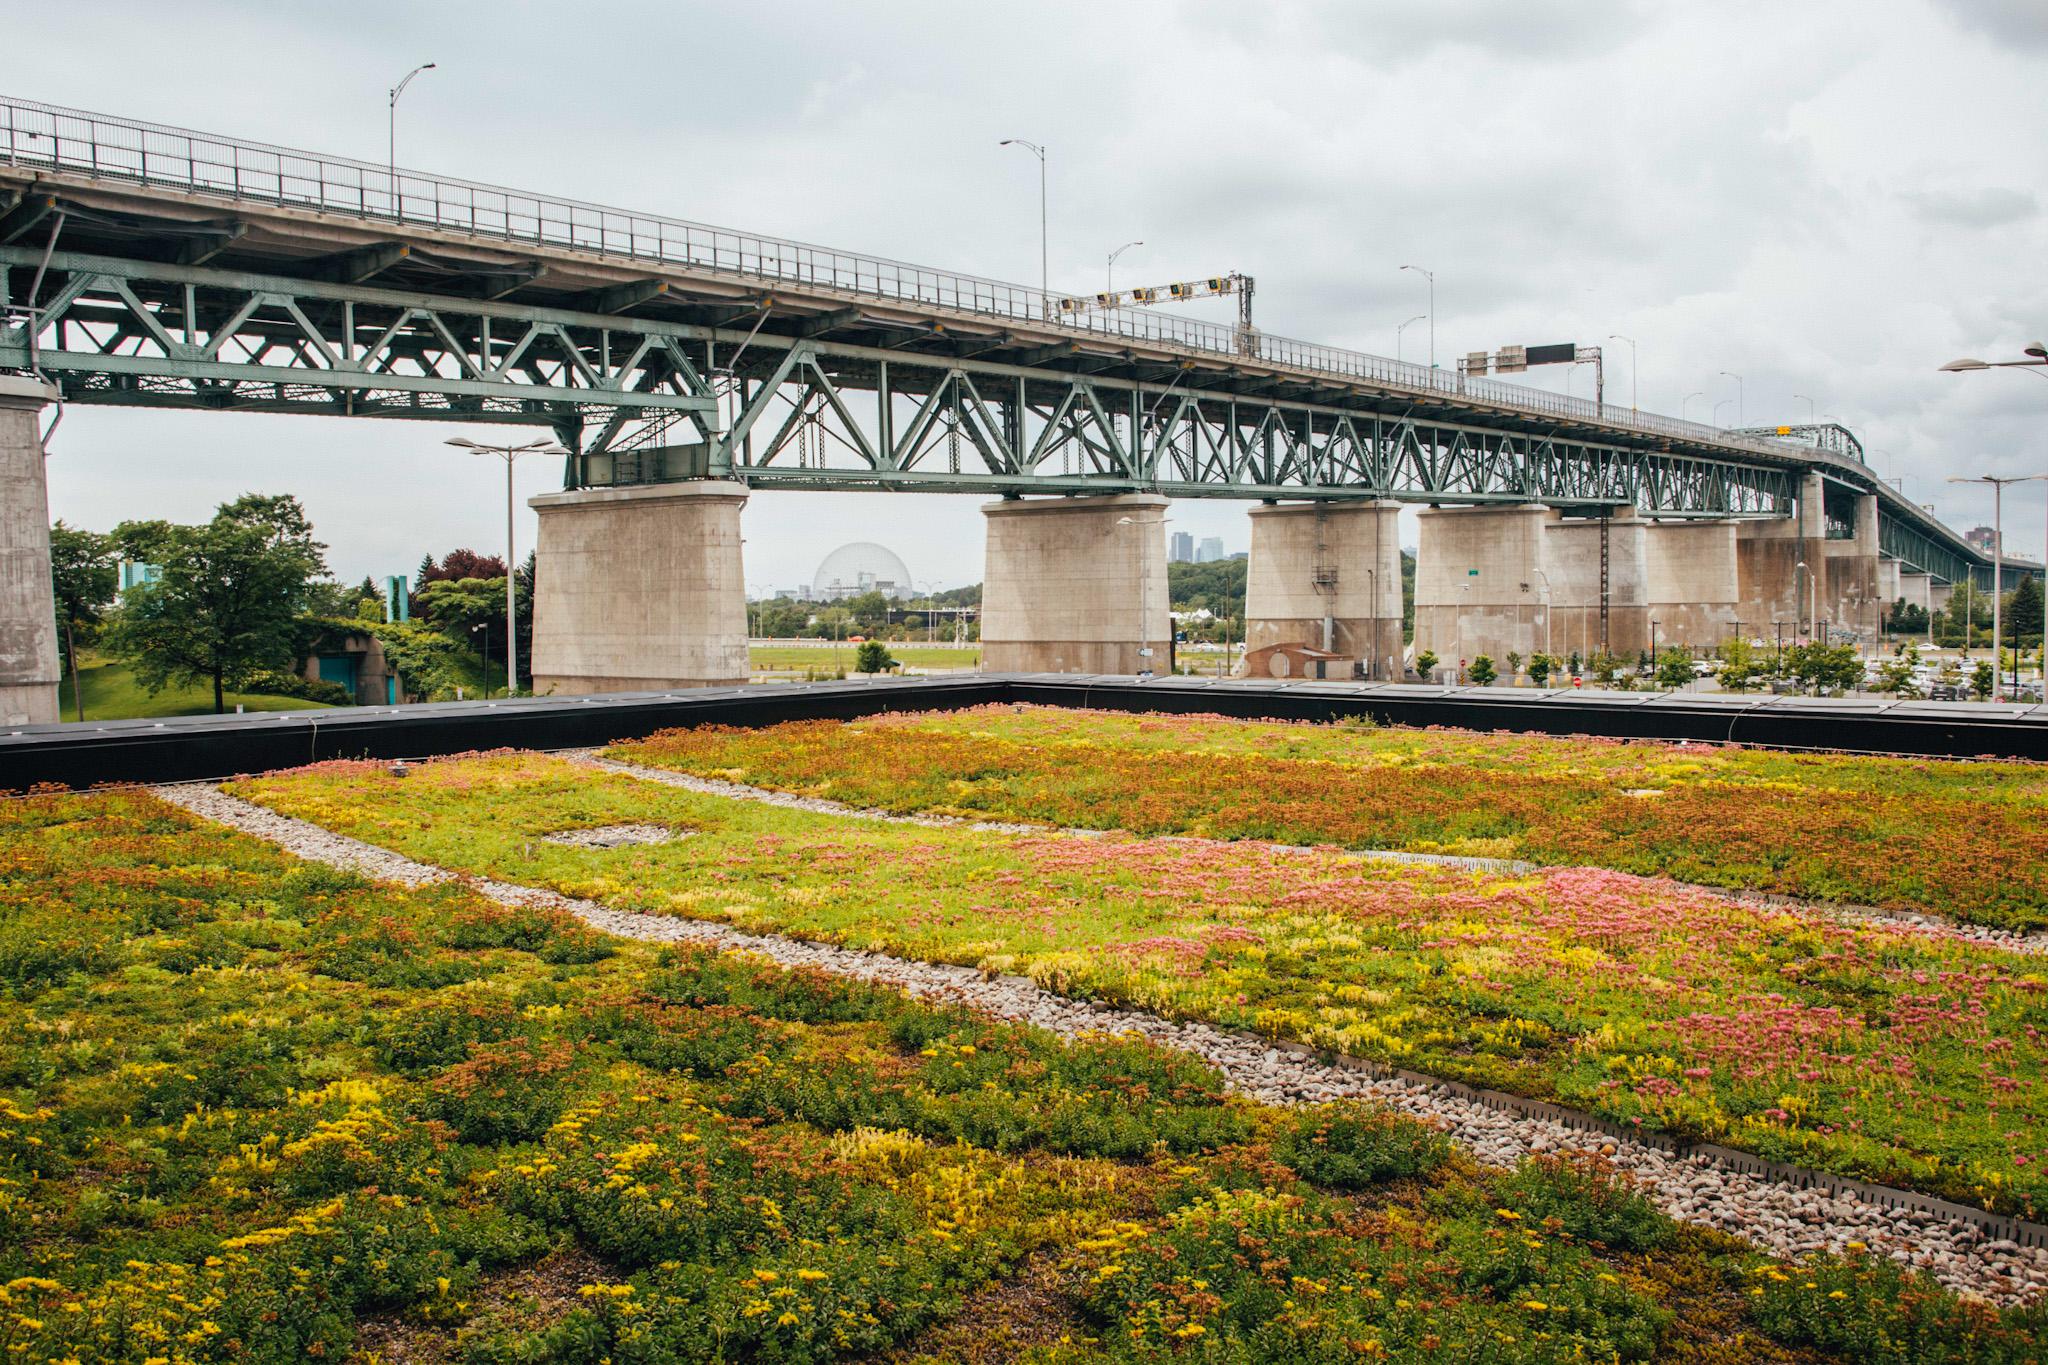 Toiture végétale - toit terrasse - Tour SSQ - Longueuil - La ligne verte (16)